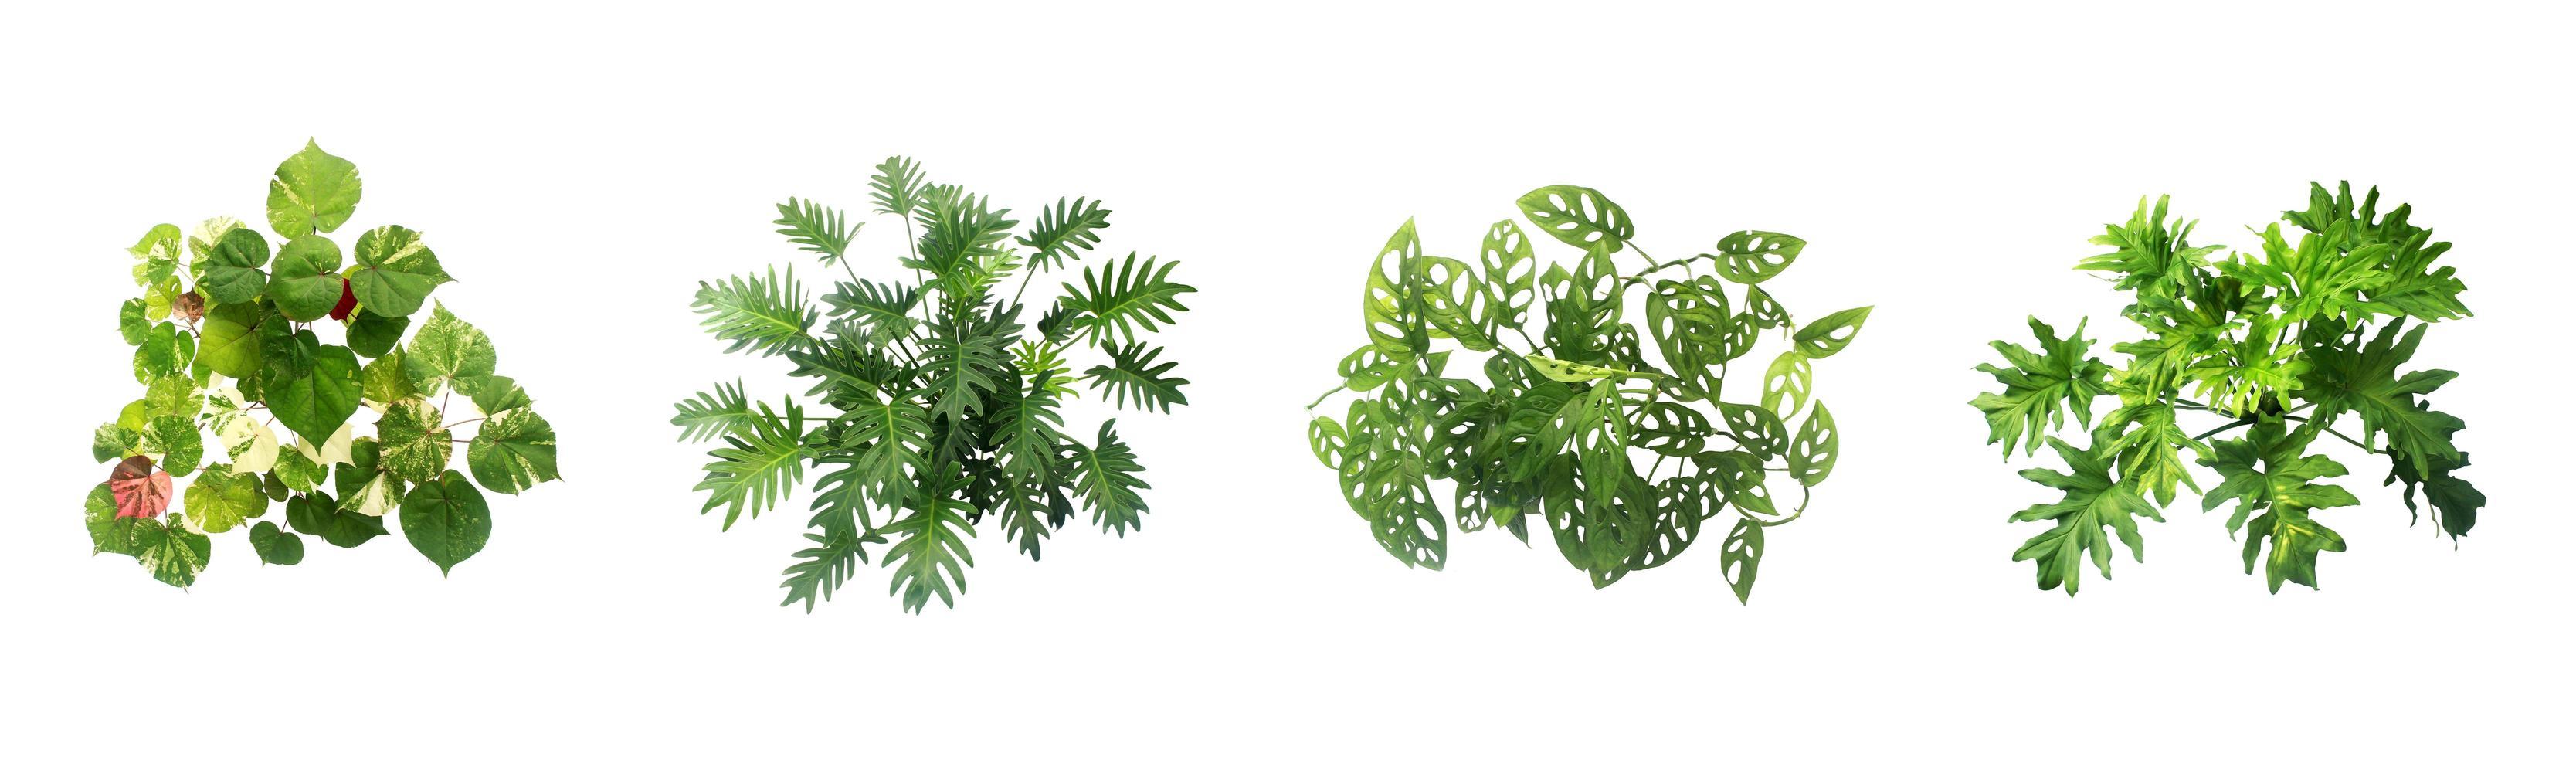 groene planten op witte achtergrond foto